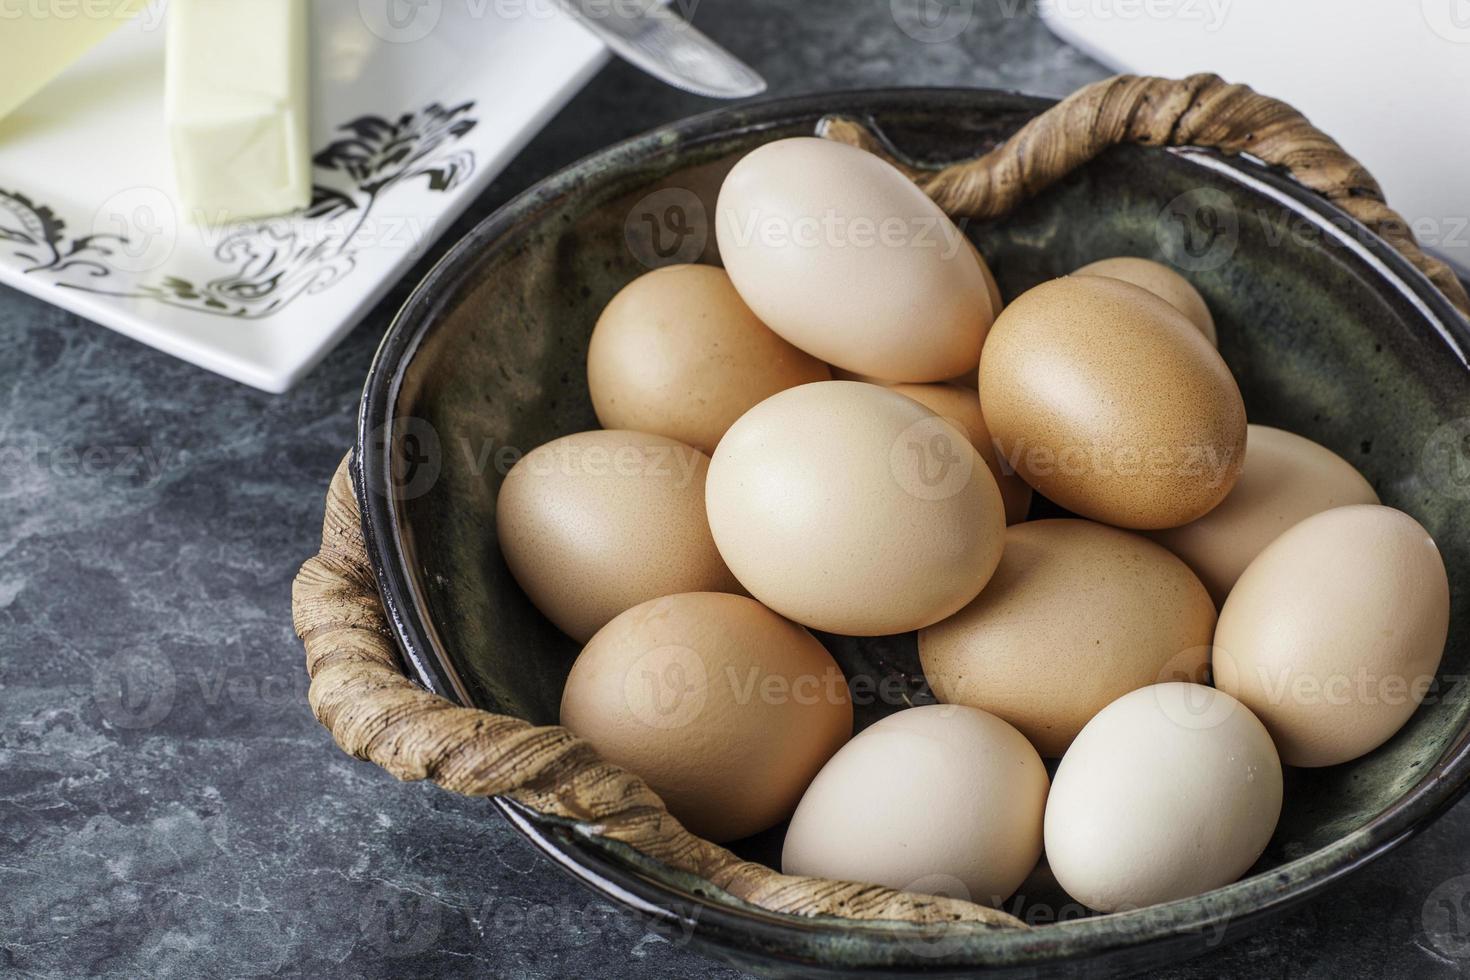 vrije uitloop bruine eieren in een kom foto